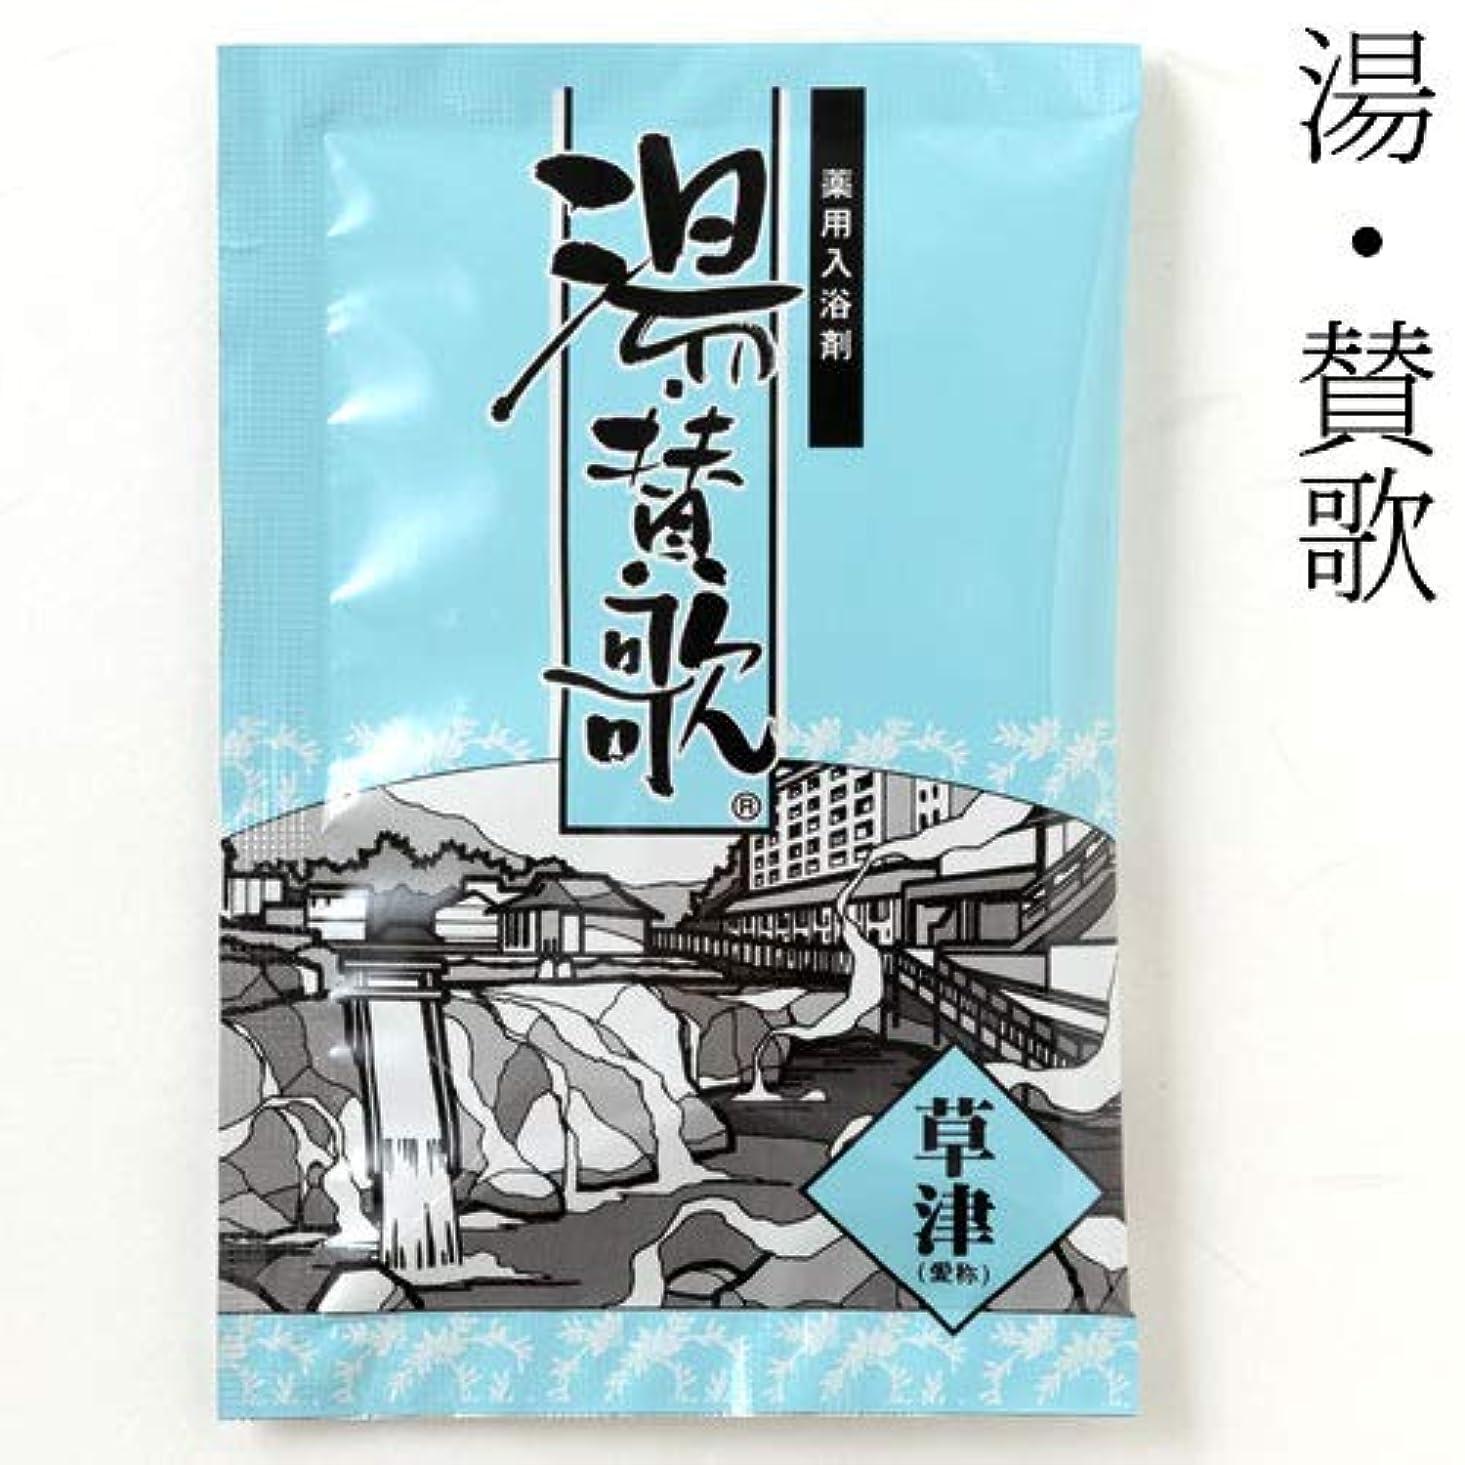 陽気な時代遅れ不適入浴剤湯?賛歌草津1包石川県のお風呂グッズBath additive, Ishikawa craft